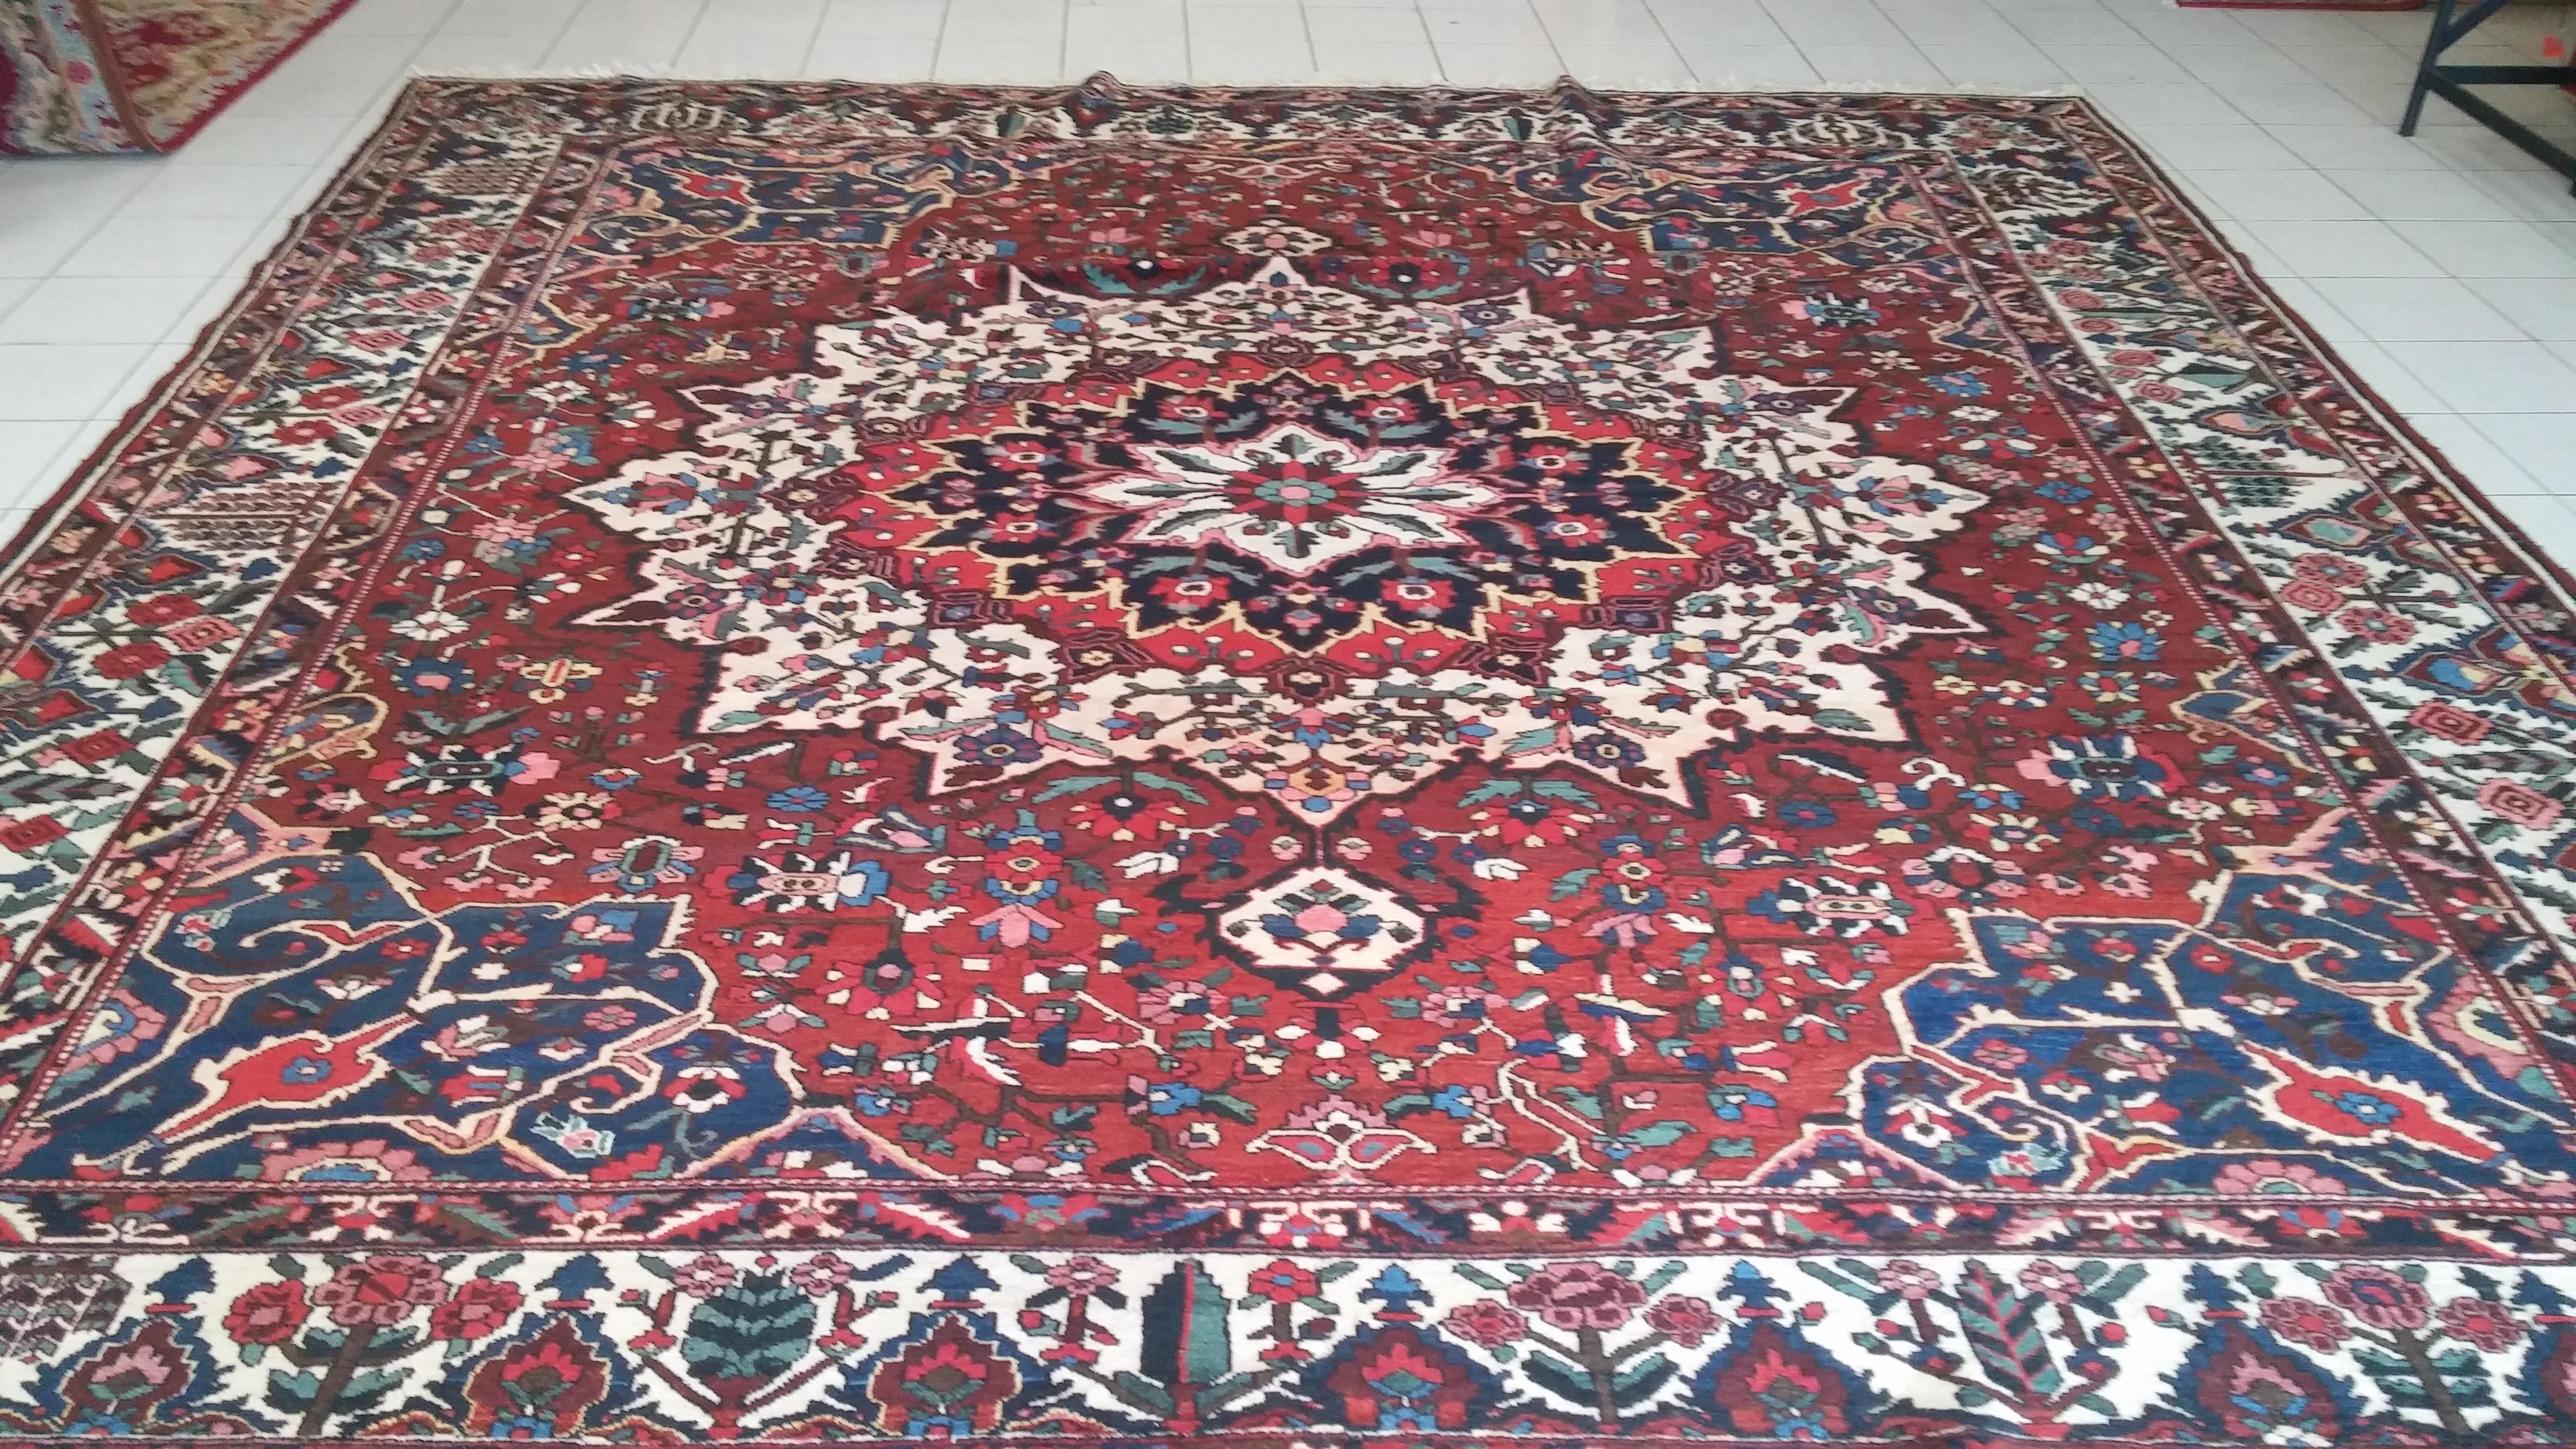 Tapishoma Persian Amp Oriental Rug Store Tapis Homa